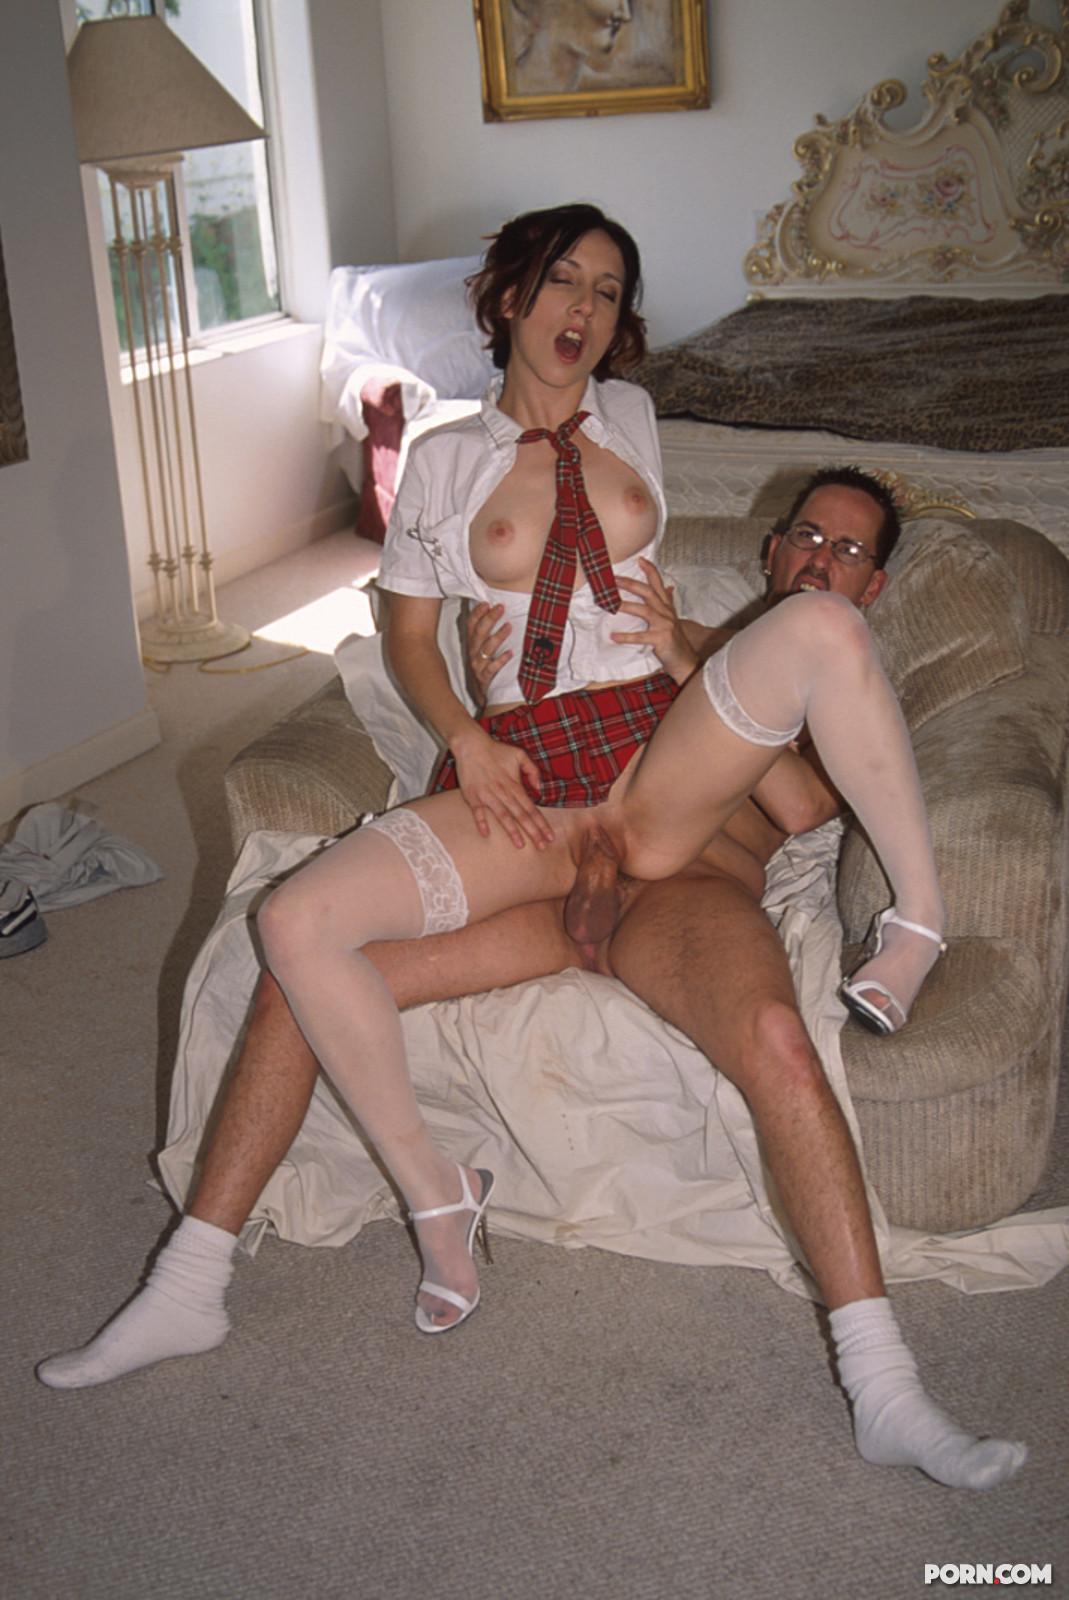 Студентка м преподаватель сексуальная 6 фотография